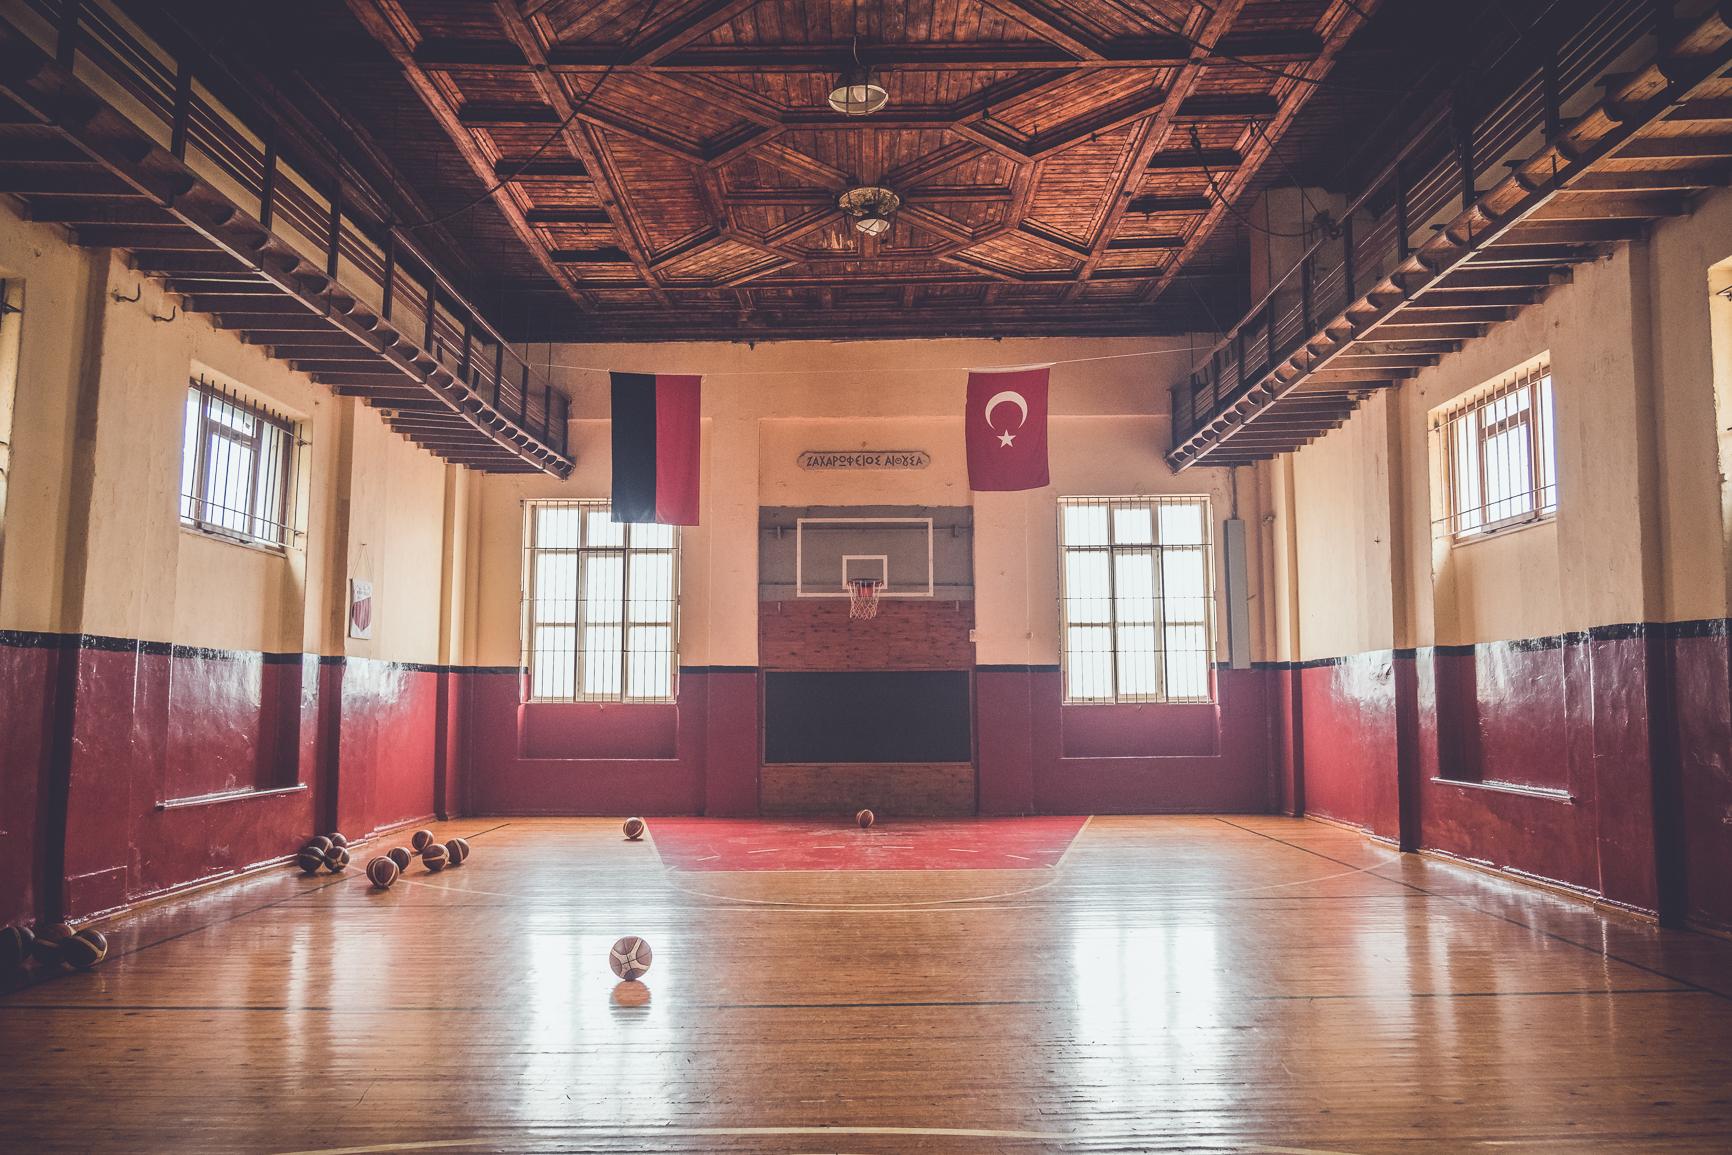 Kurtulus basketball club